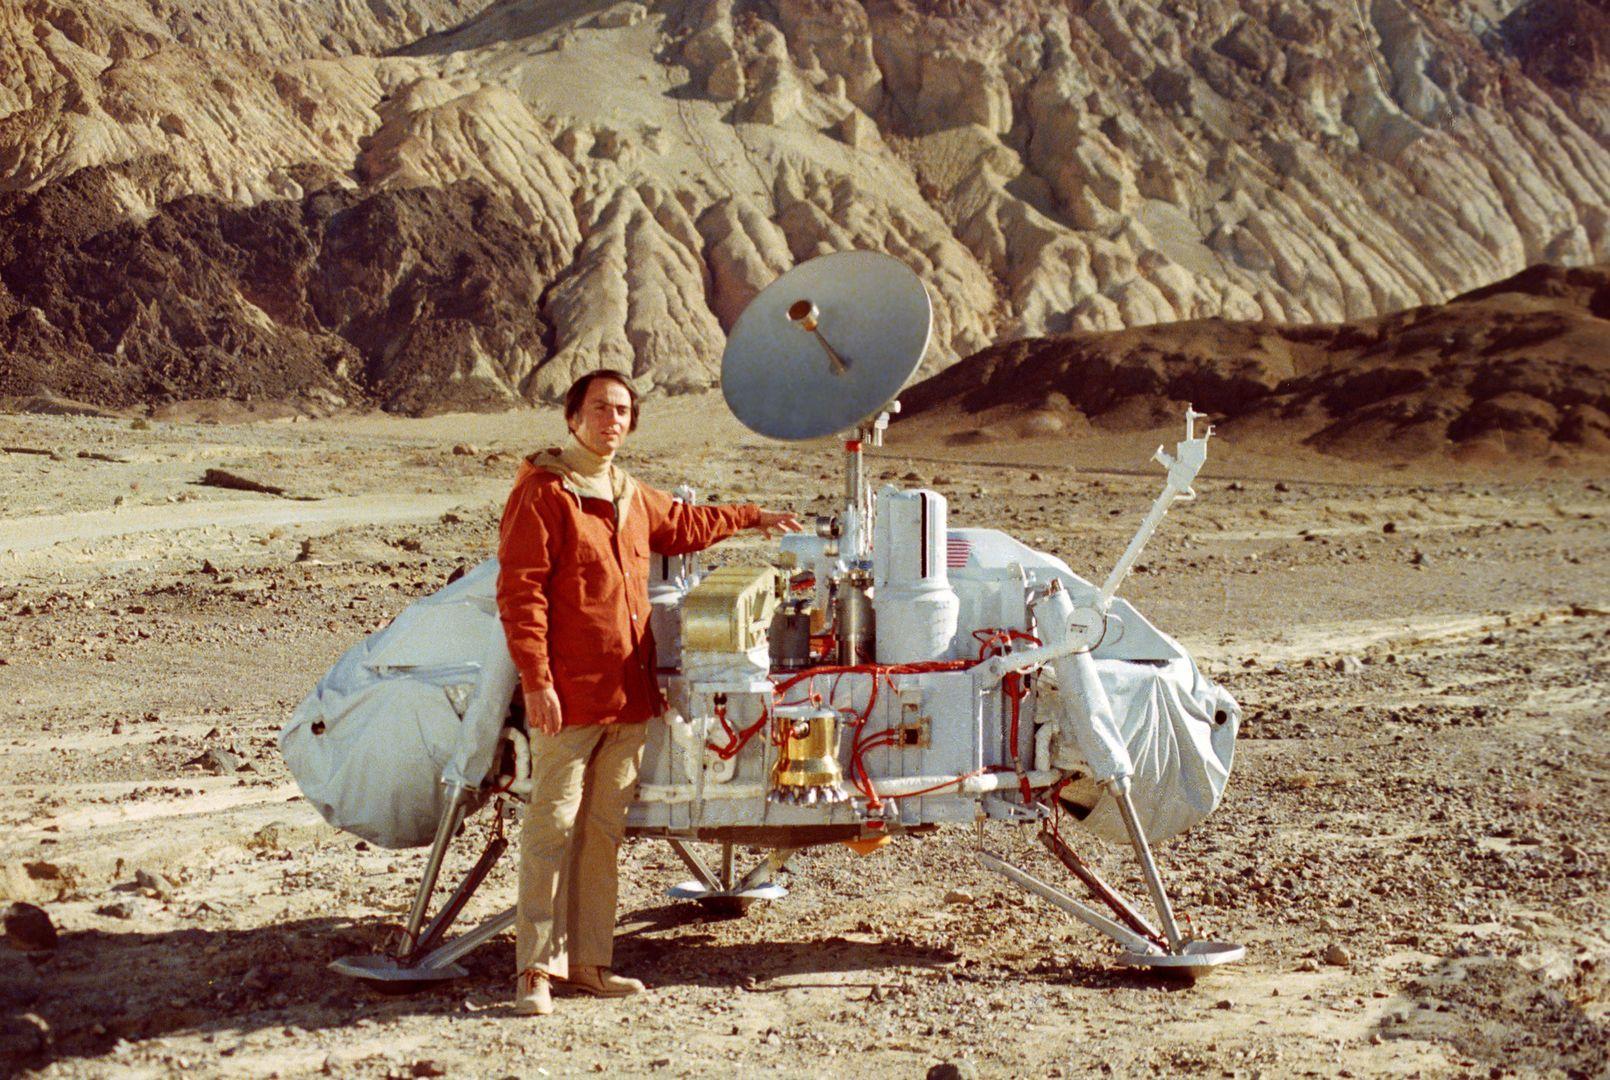 Carl Sagan, a híres csillagász, asztrobiológus, író a Viking leszálló egységével a kaliforniai Death Valley-ben